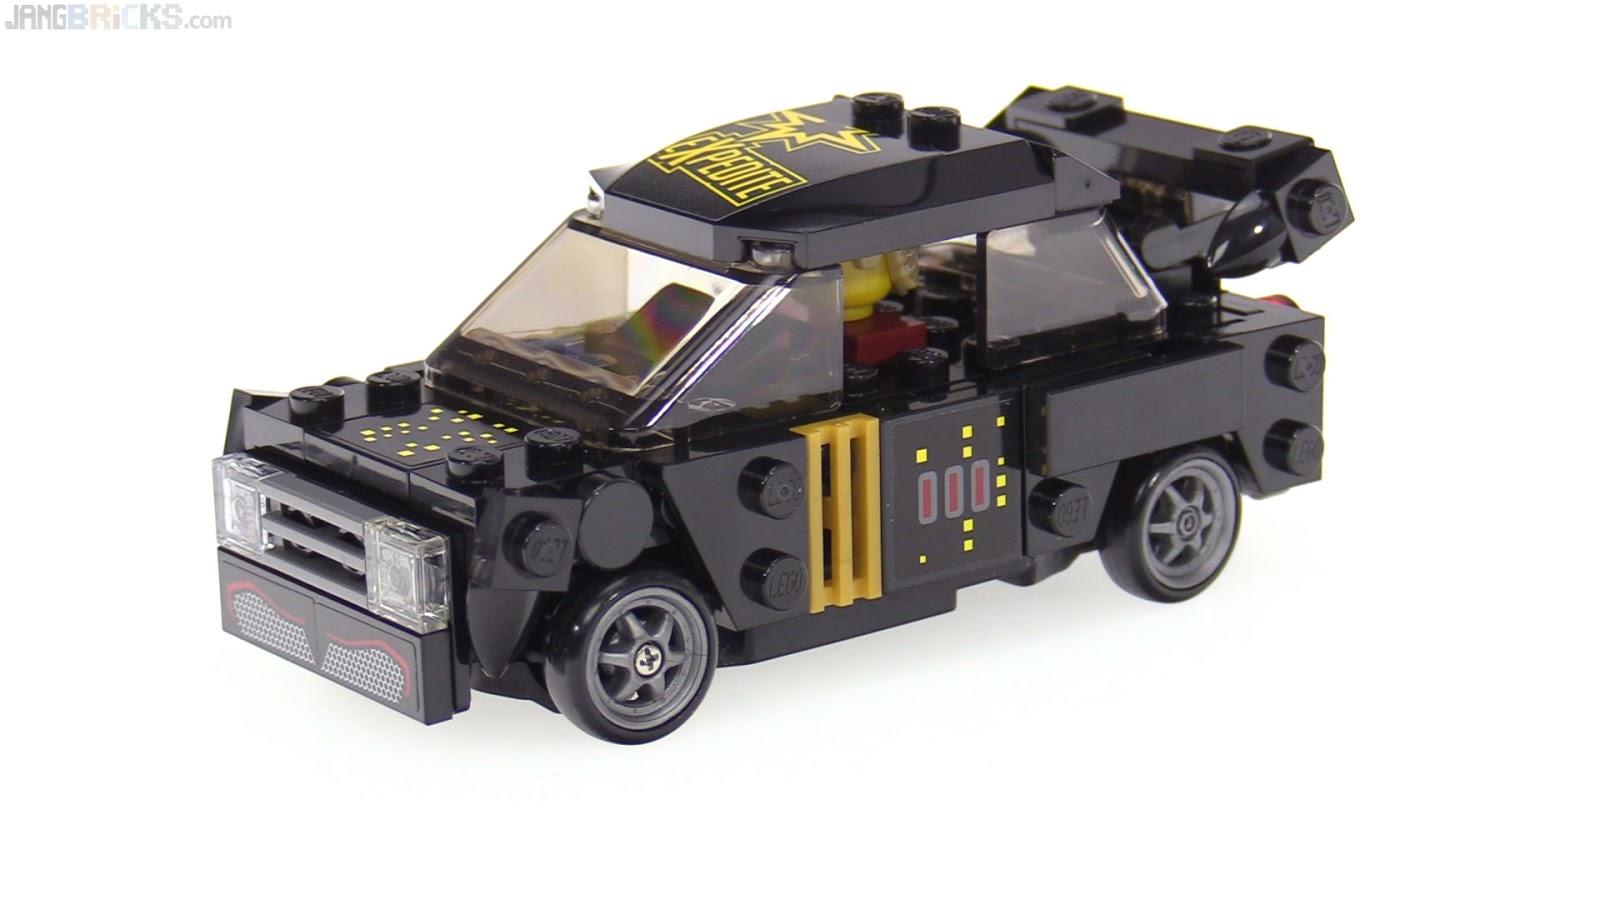 Custom Wide Lego Bodied Rc Drift Car